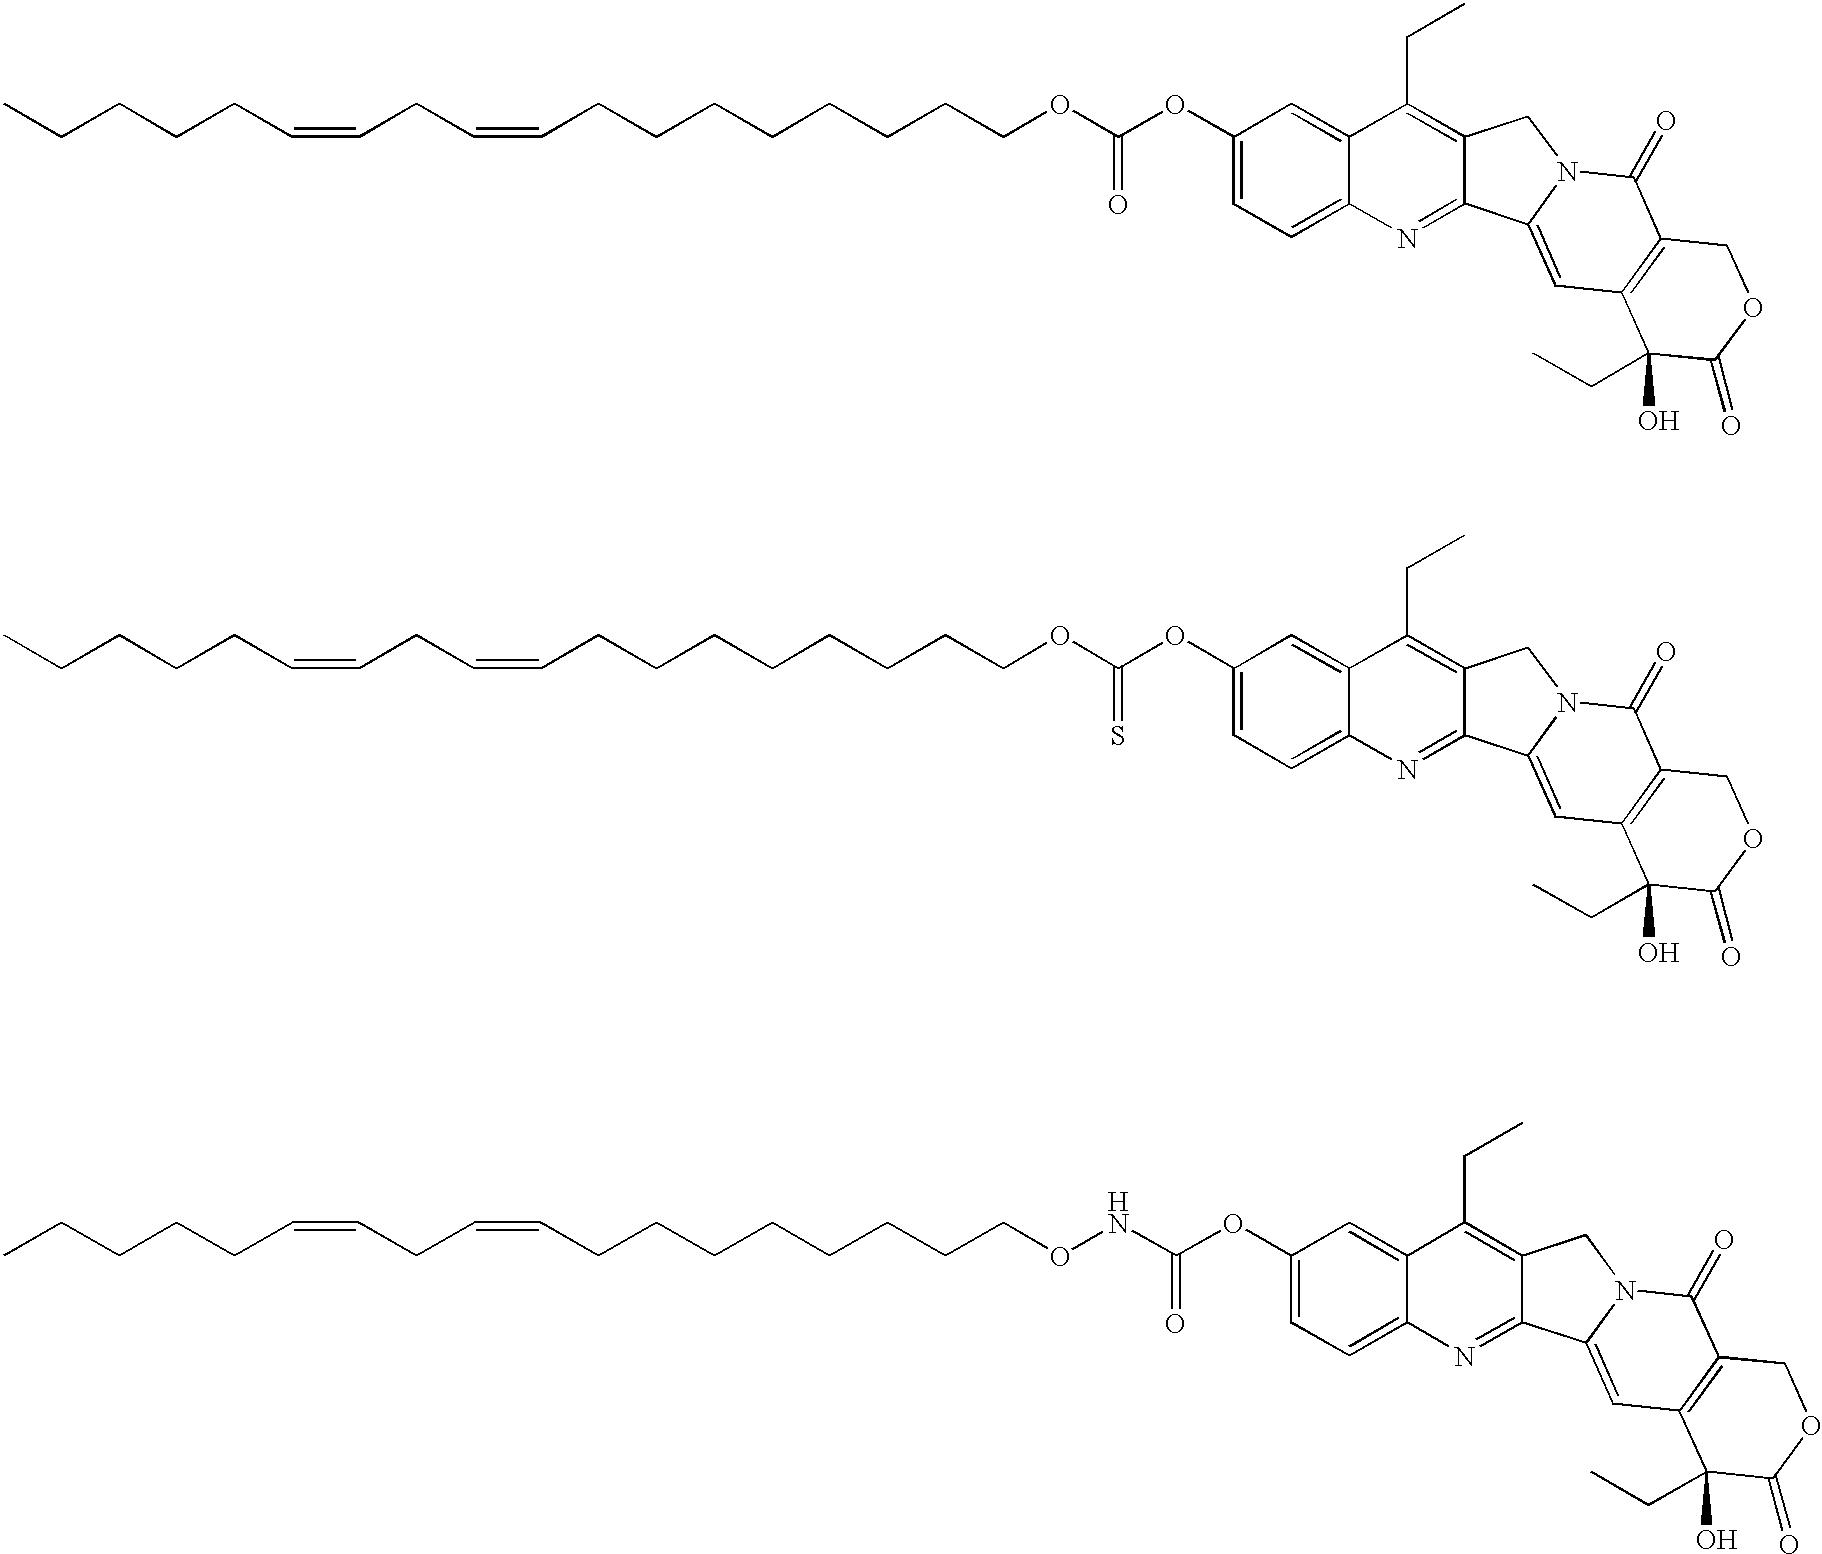 Figure US07816398-20101019-C00066